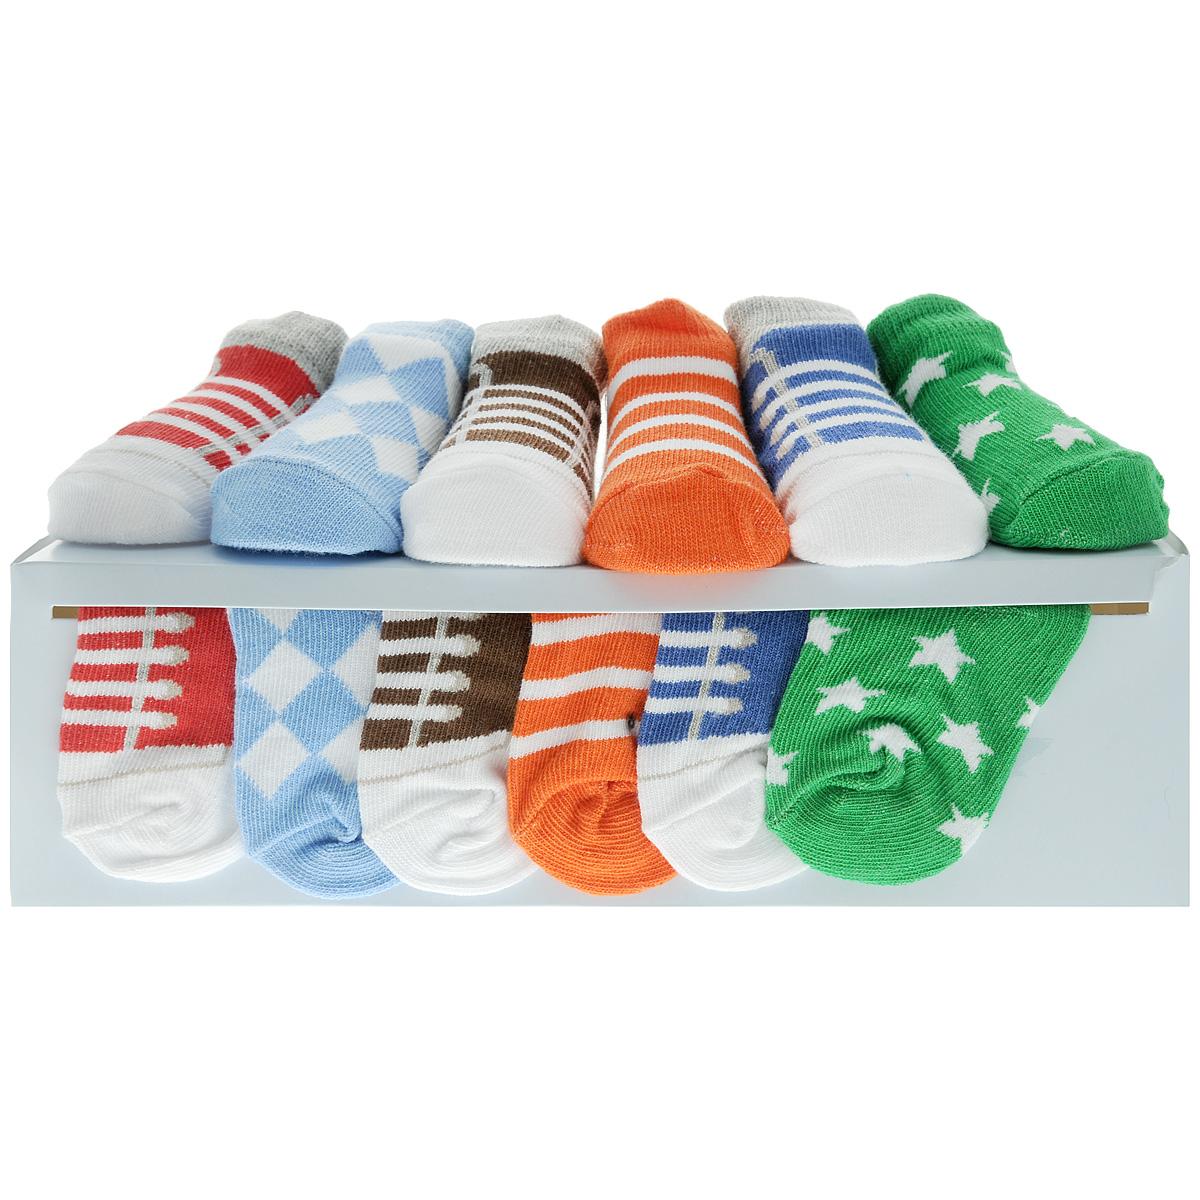 07130Комфортные, прочные и красивые детские носки Luvable Friends очень мягкие на ощупь, а широкая резинка плотно облегает ножку ребенка, не сдавливая ее, благодаря чему малышу будет комфортно и удобно. Подарочный комплект состоит из шести пар разноцветных носочков с оригинальным принтом. Носочки упакованы в красивую подарочную коробку с яркой лентой.